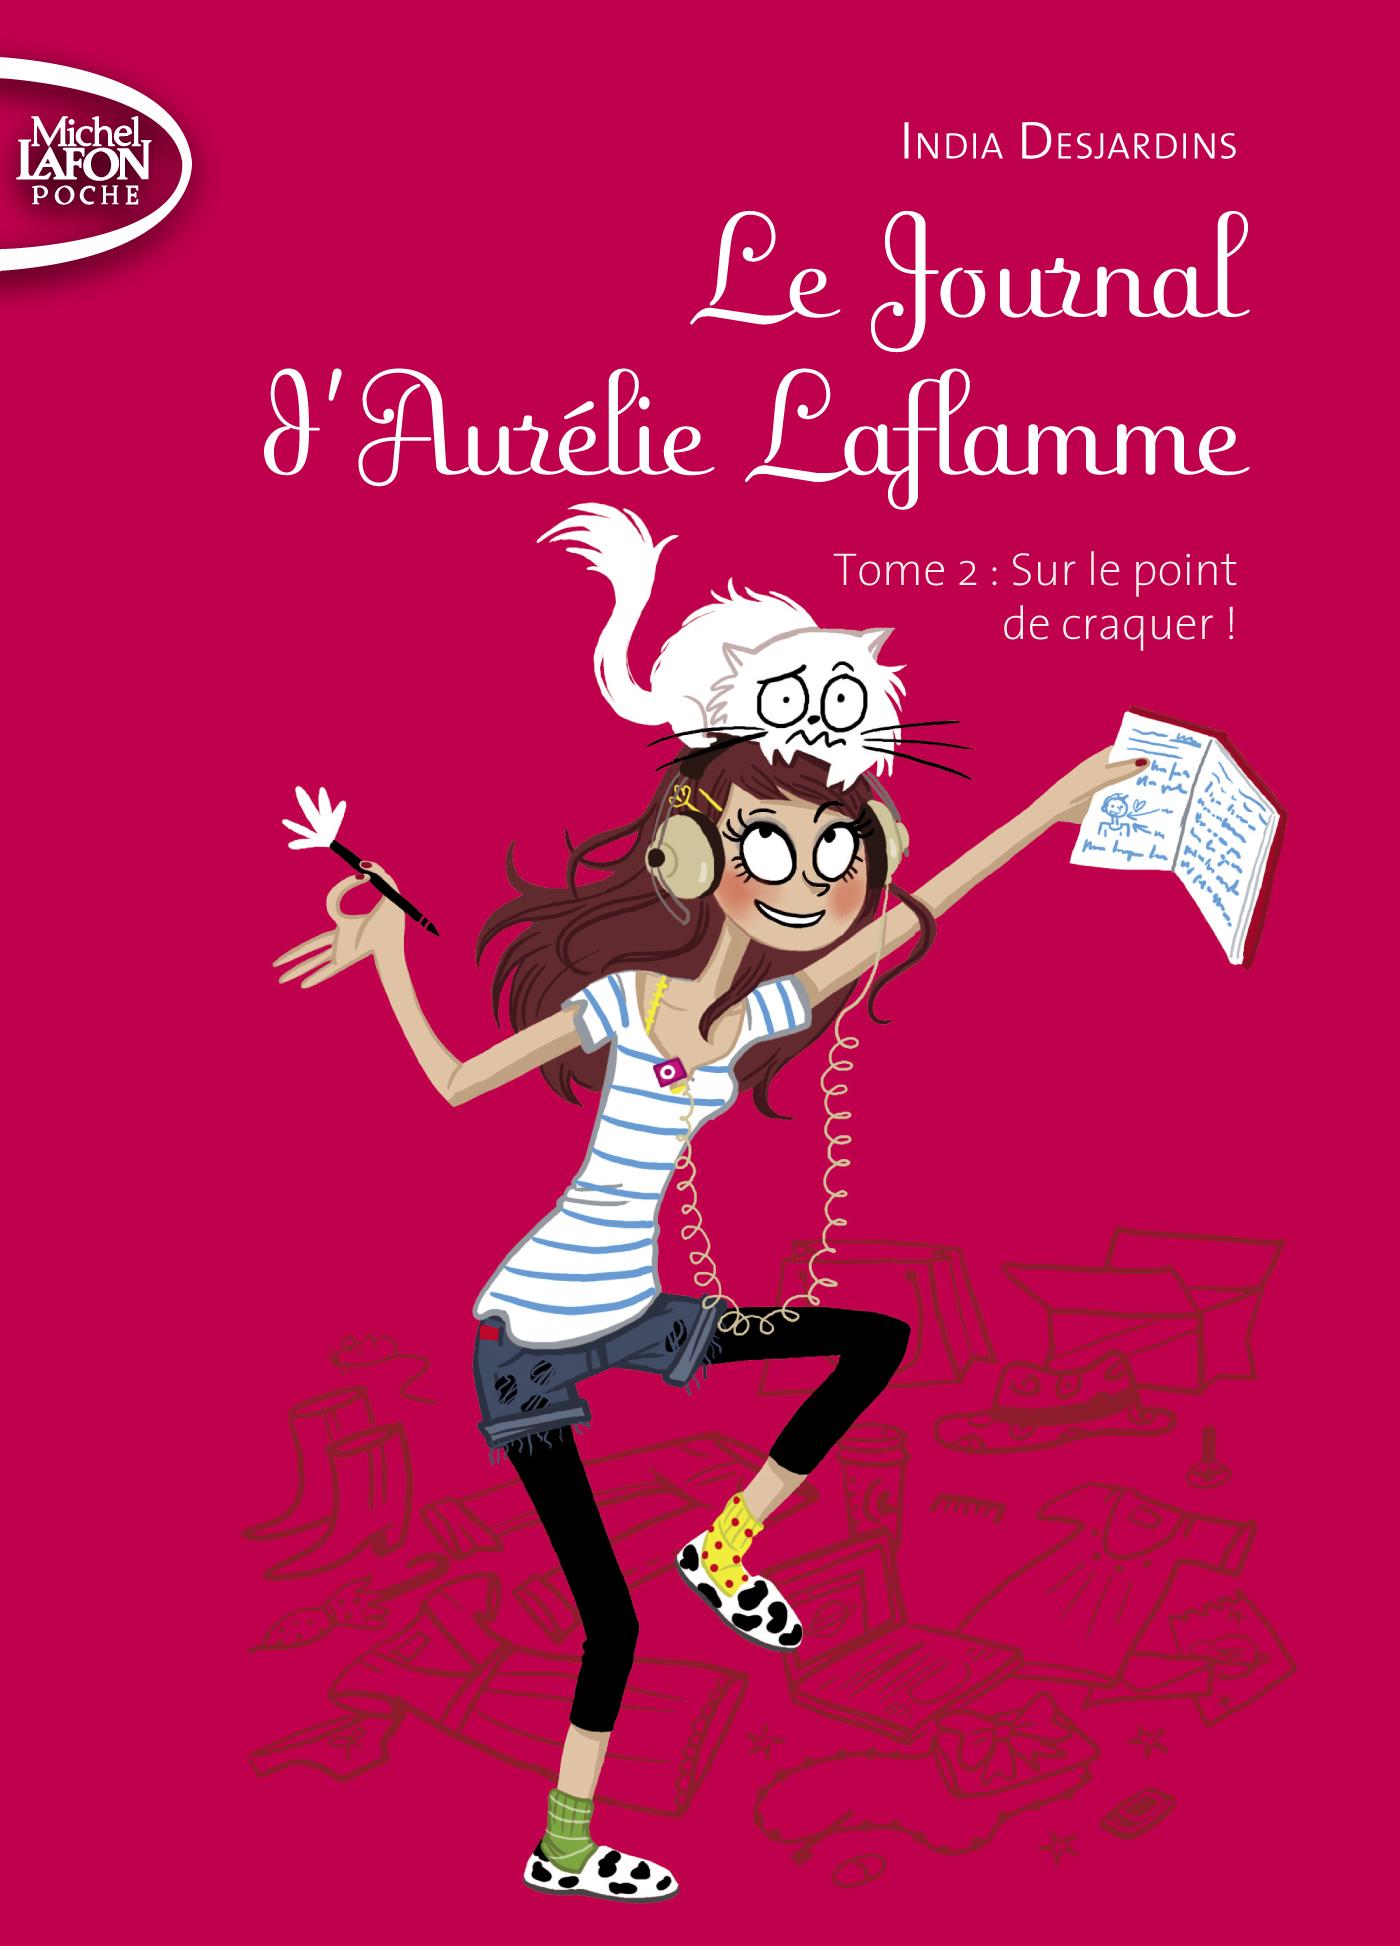 Le journal d'Aurélie Laflamme Tome 2 : Sur le point de craquer ! – POCHE